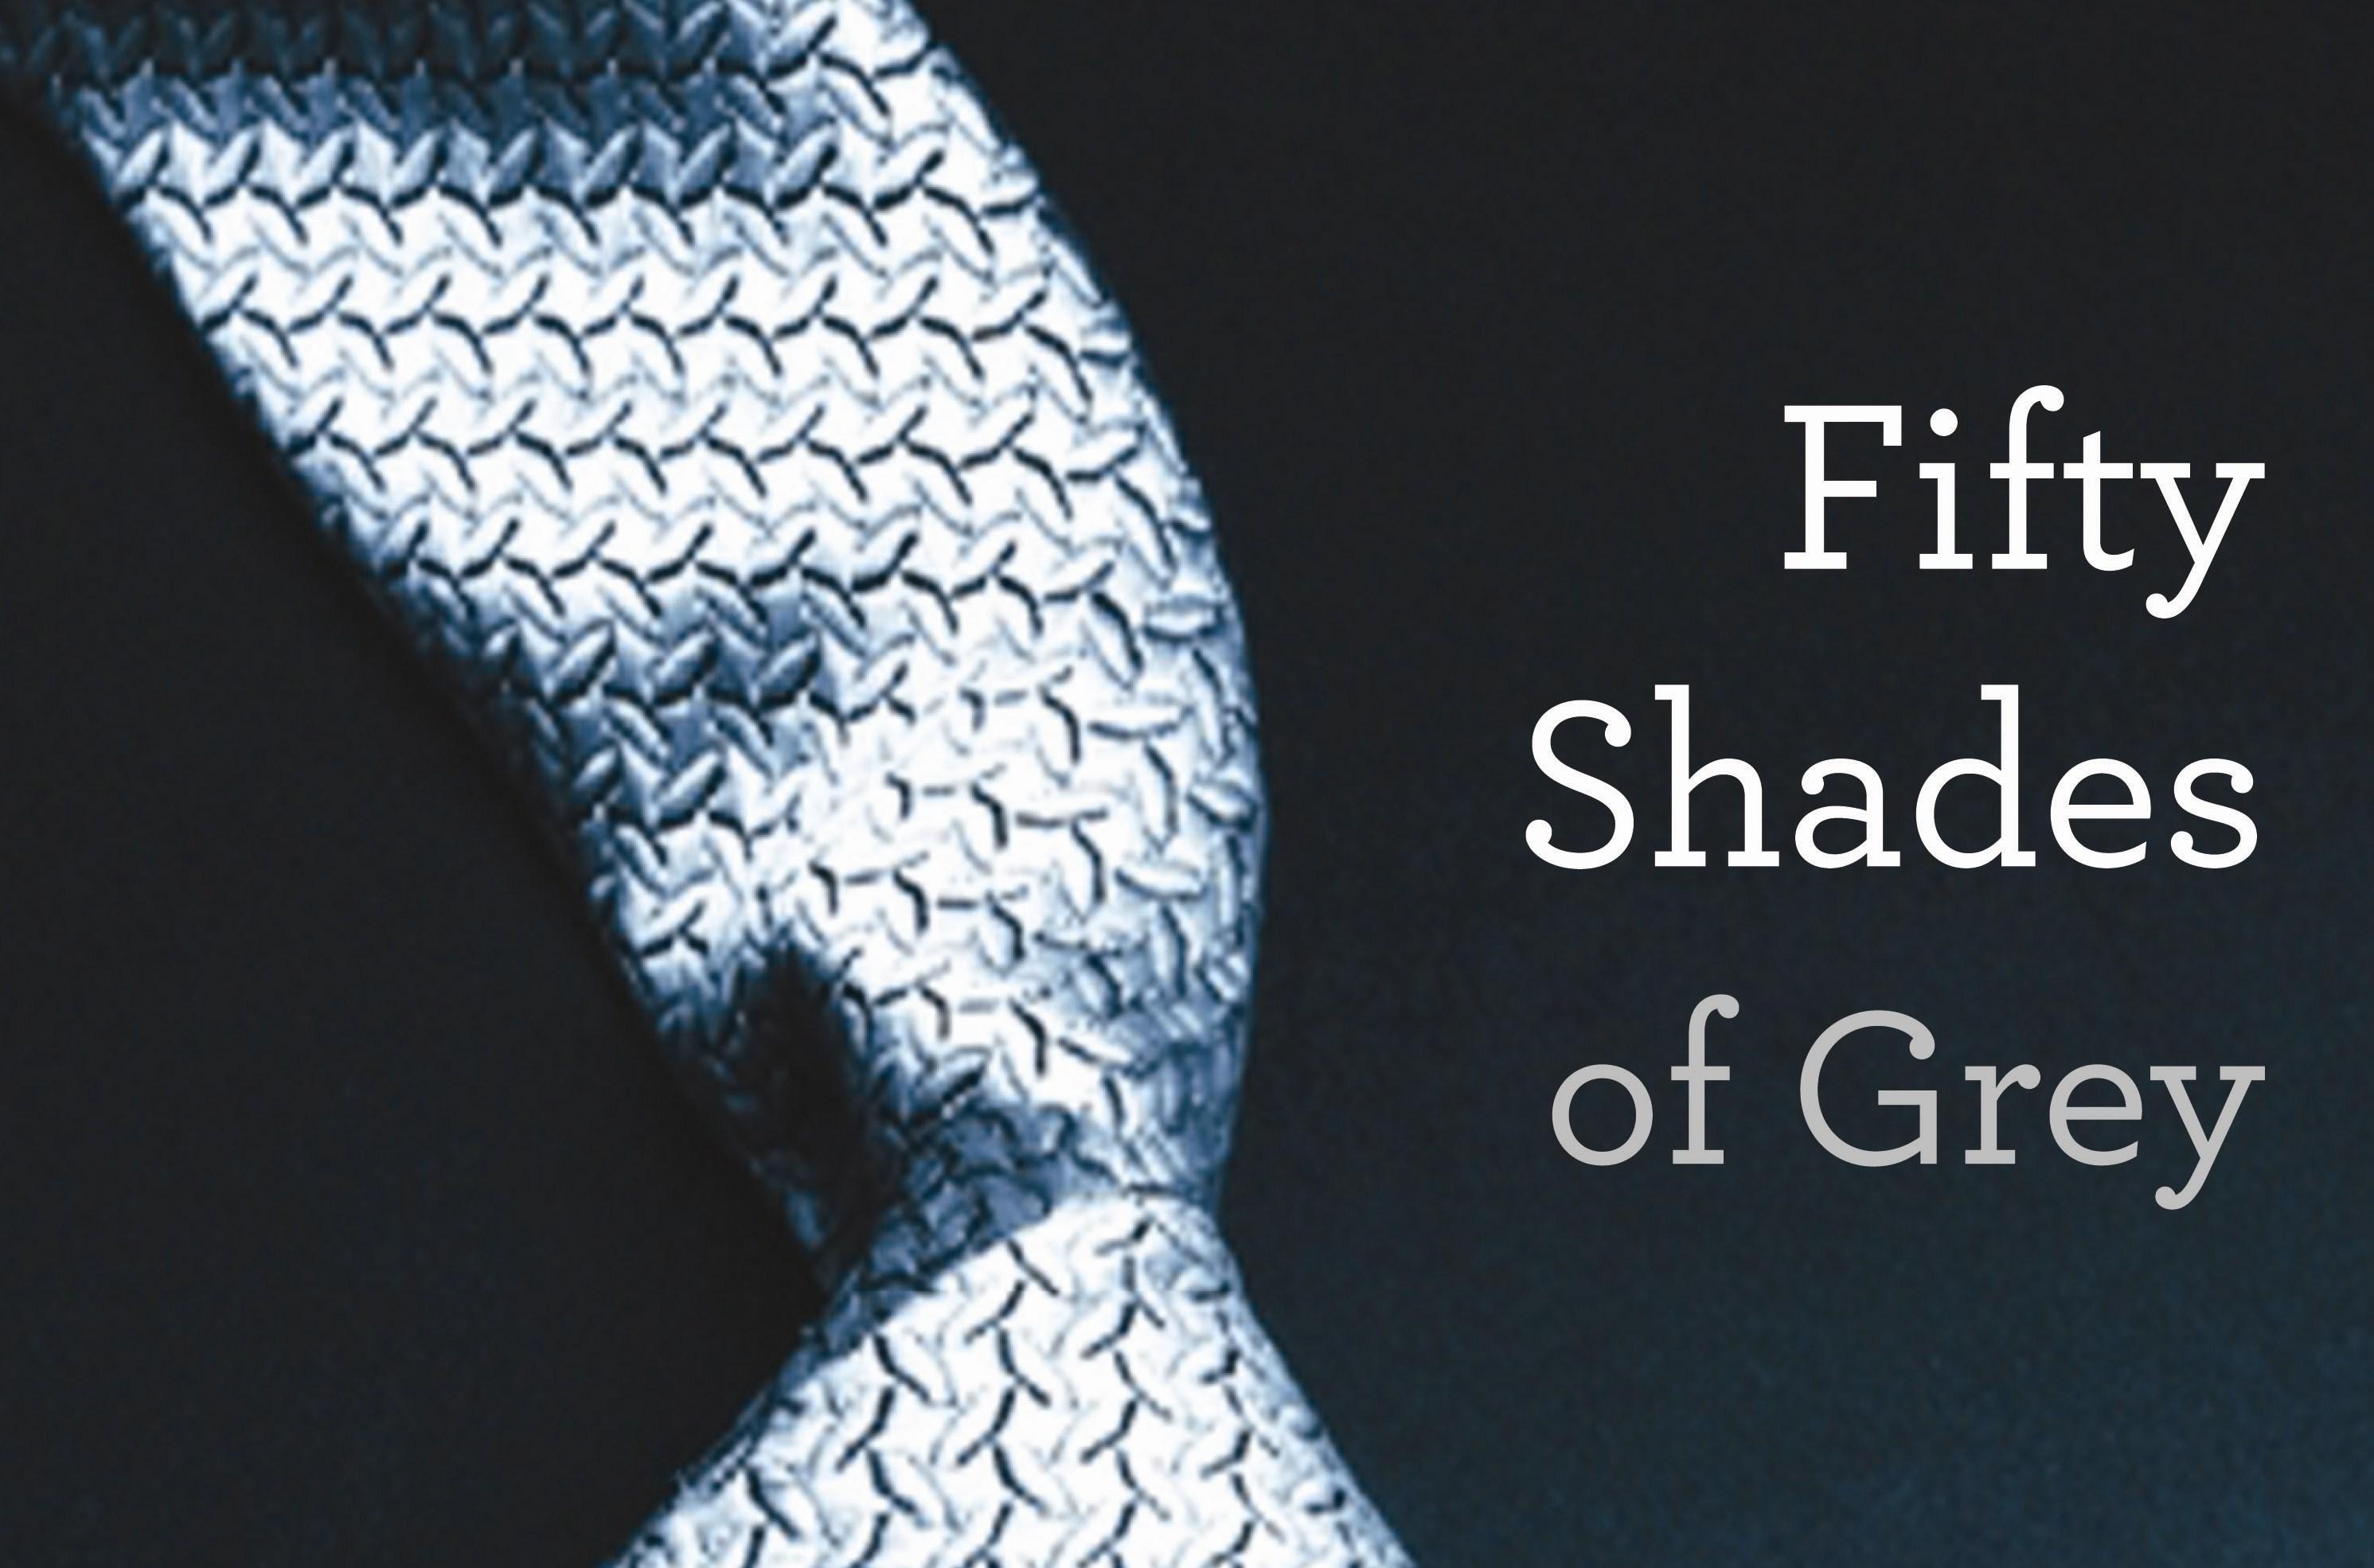 Fifty Shades of Grey Regie